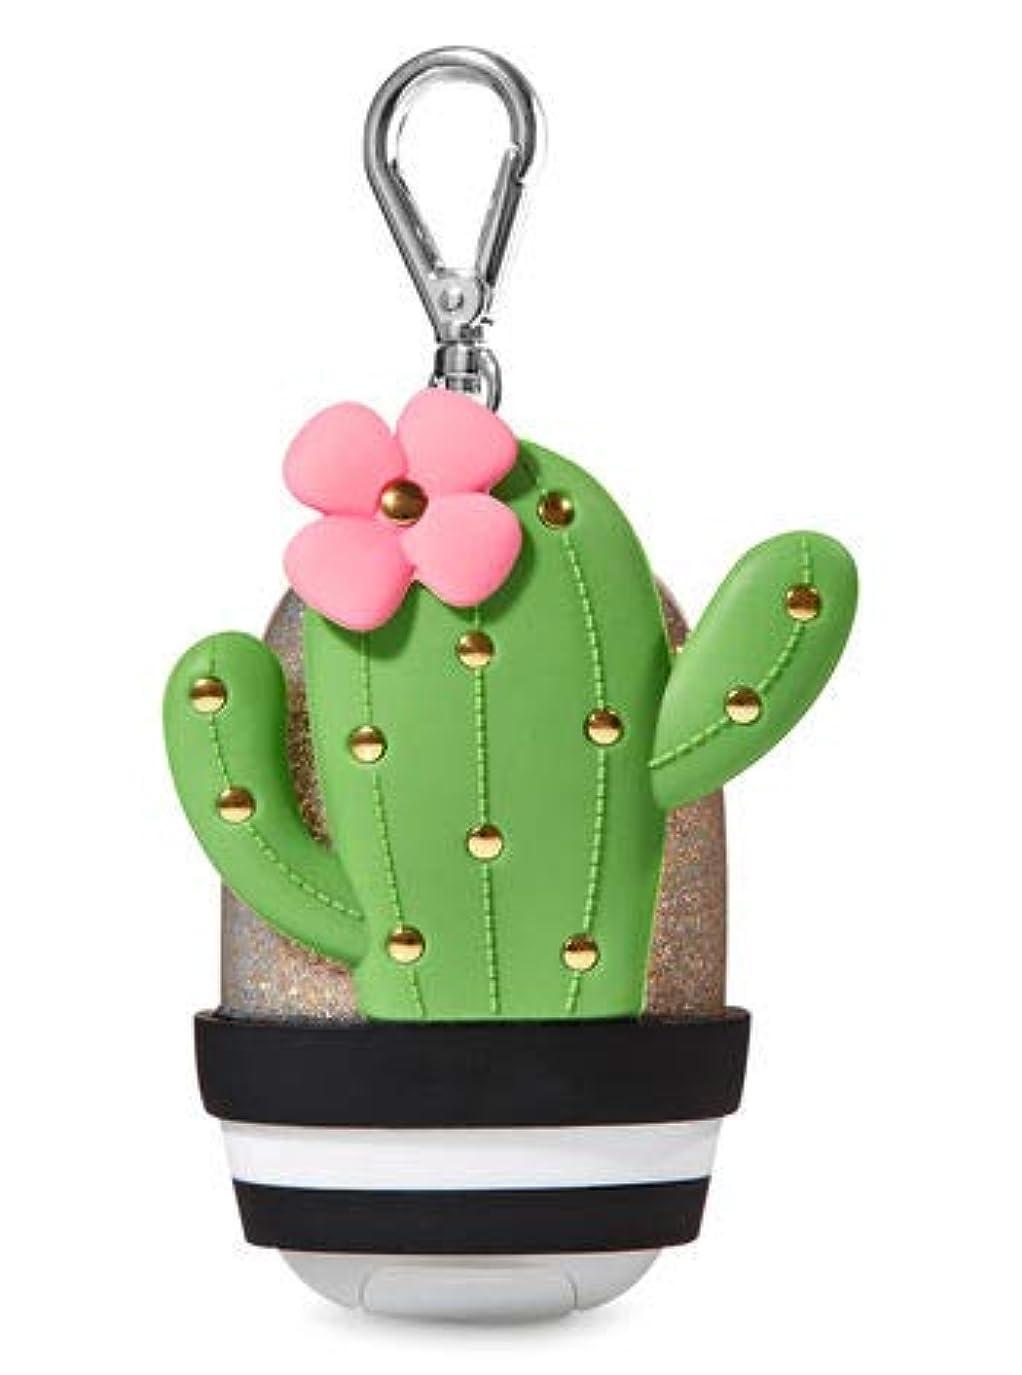 富芸術的熟読する【Bath&Body Works/バス&ボディワークス】 抗菌ハンドジェルホルダー カクタス Pocketbac Holder Cactus [並行輸入品]